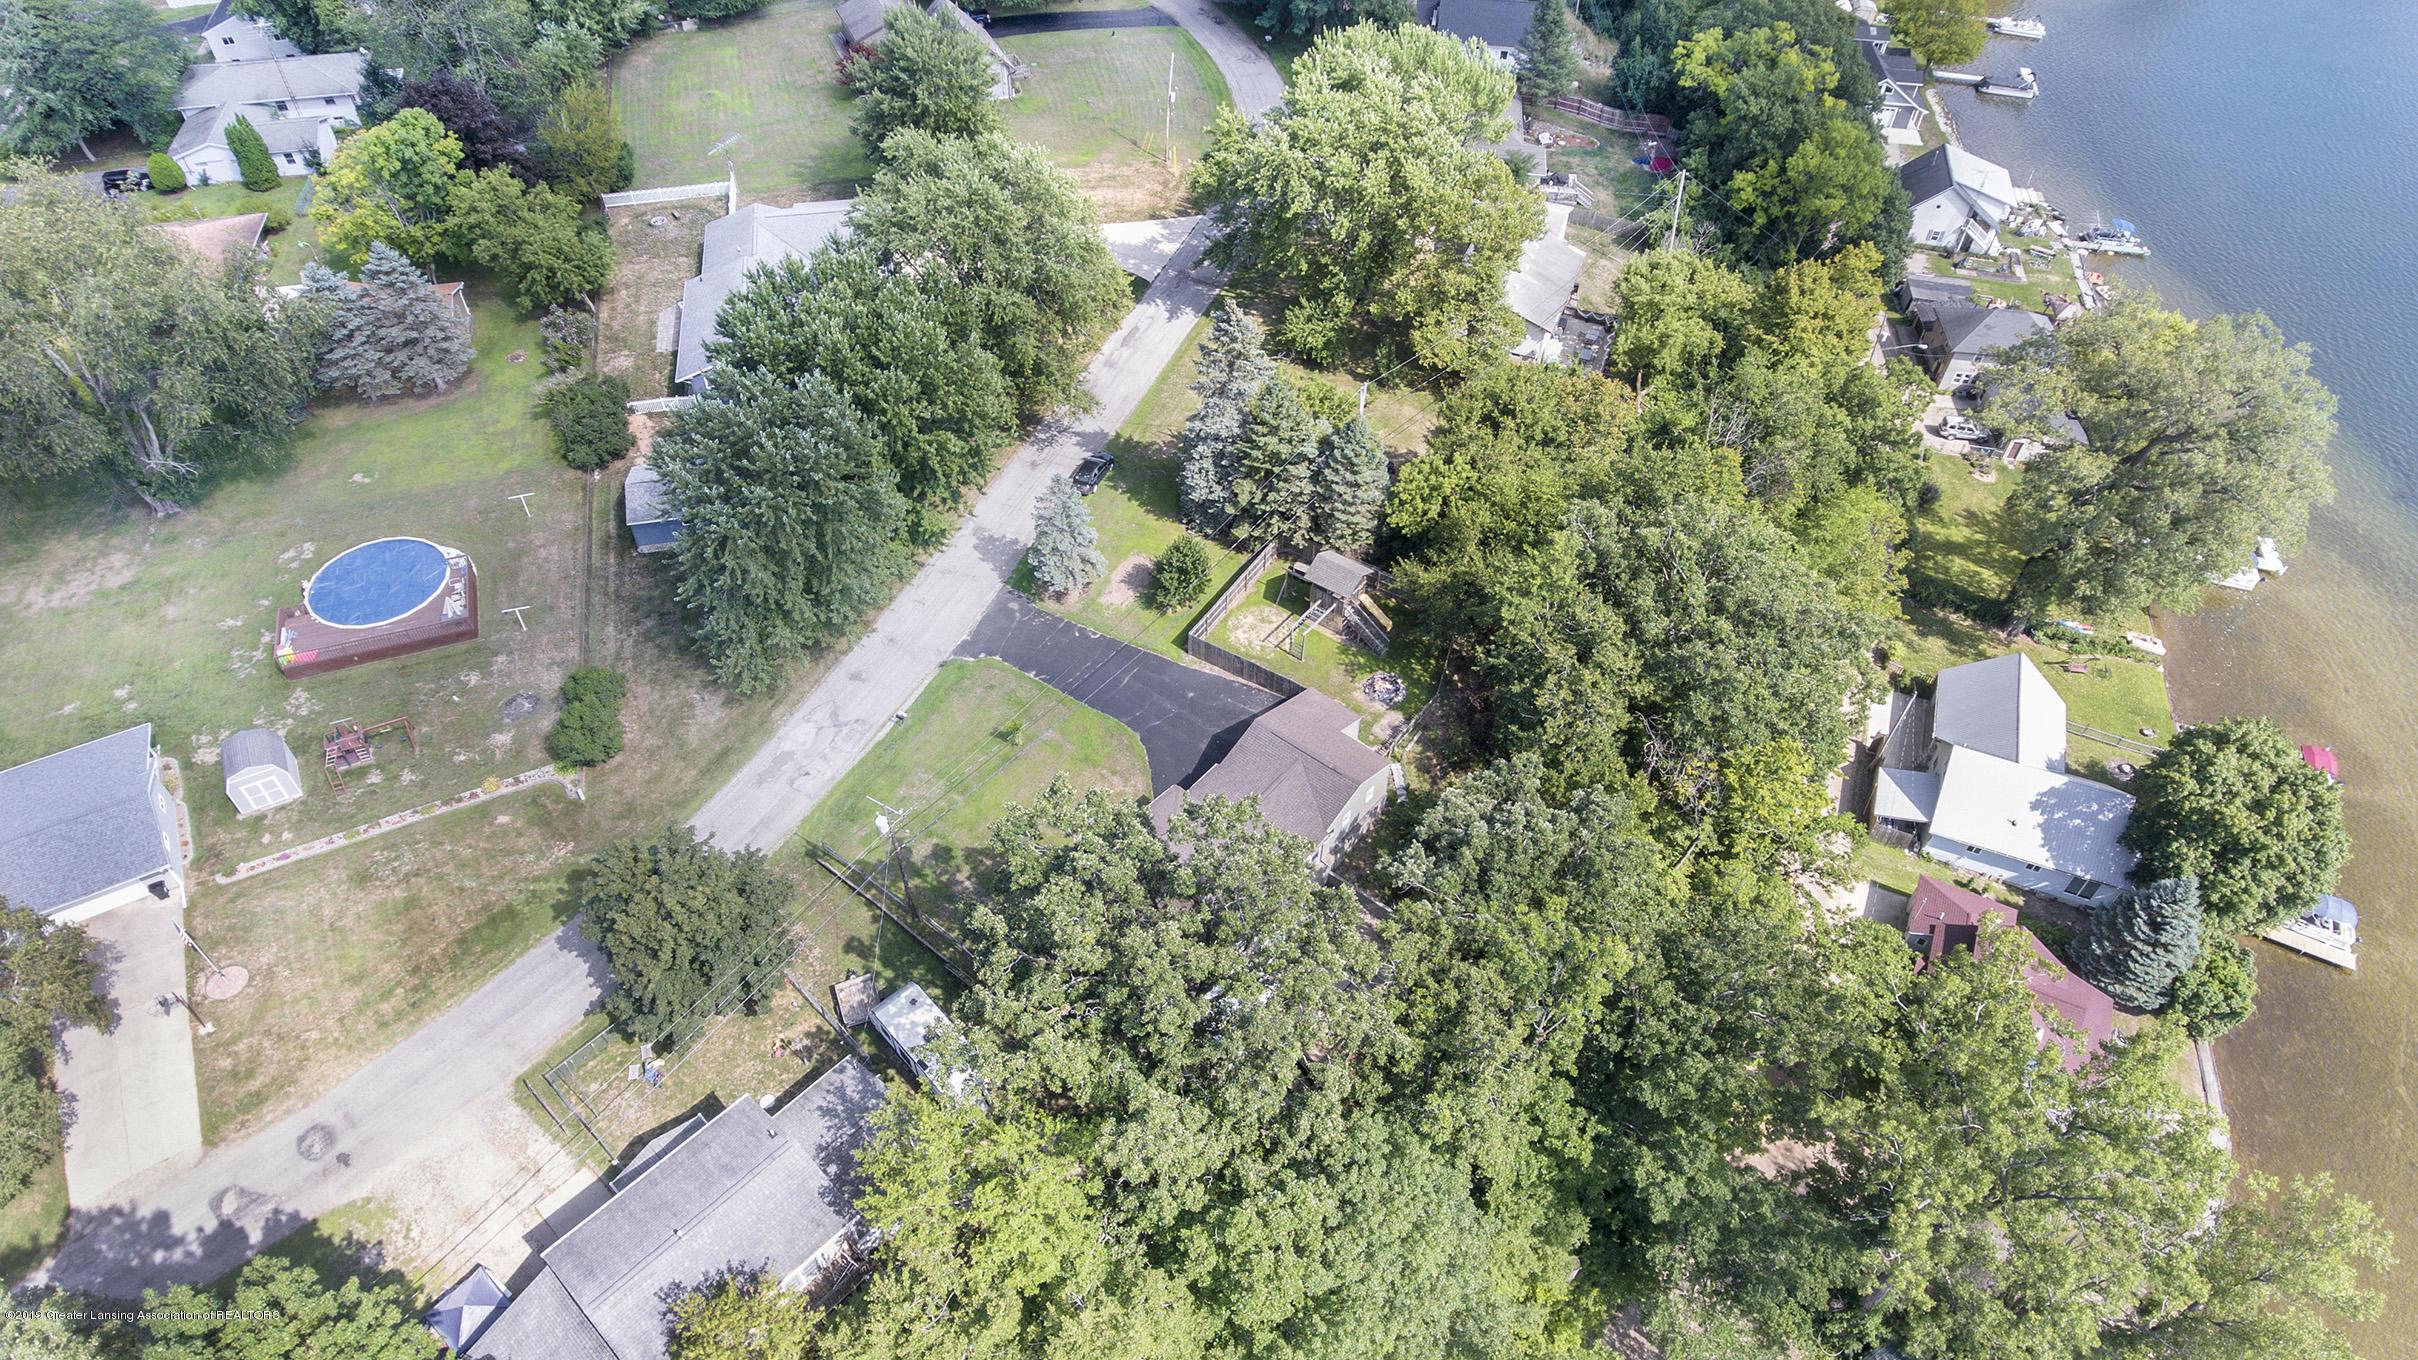 735 S Cloverhill Rd - Photo Aug 16, 3 53 52 PM-1 - 37